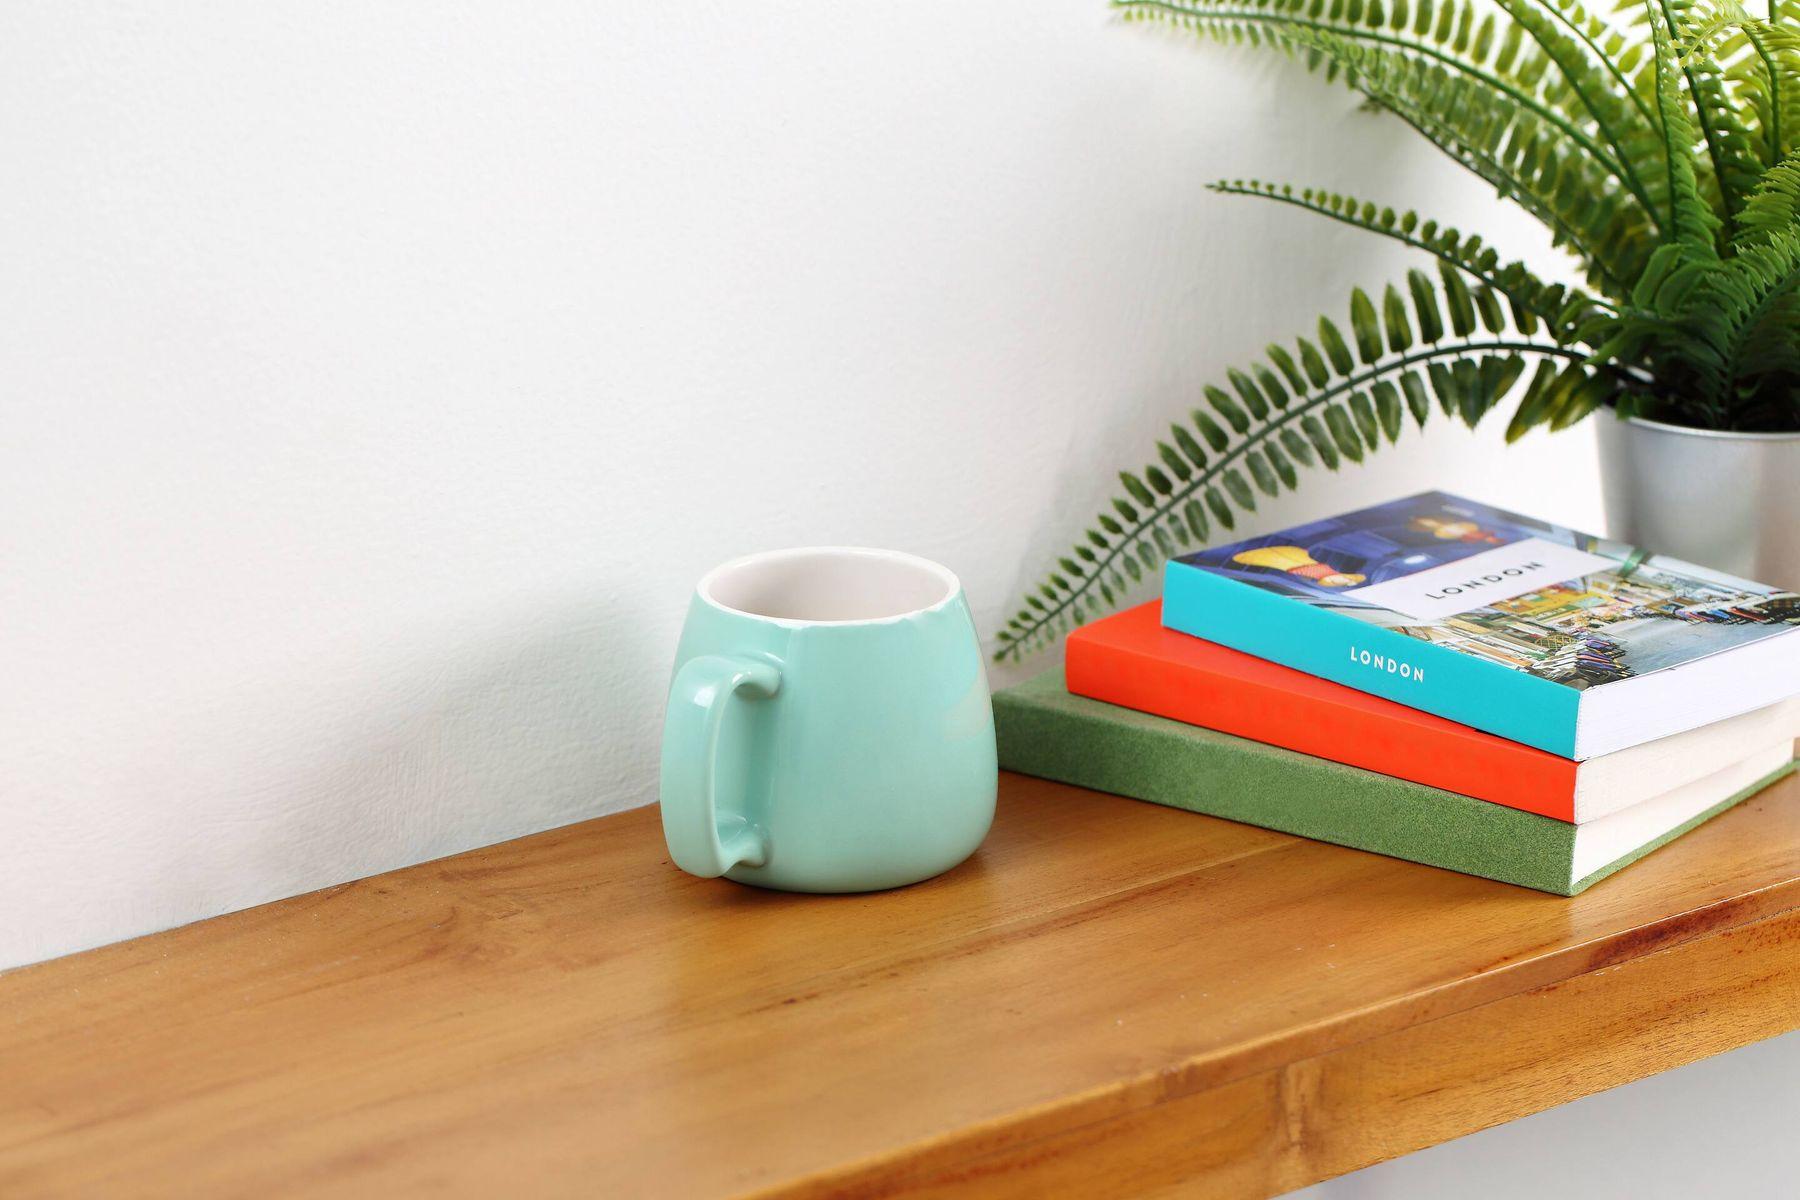 credenza in legno con libri, vaso e tazza in porcellana